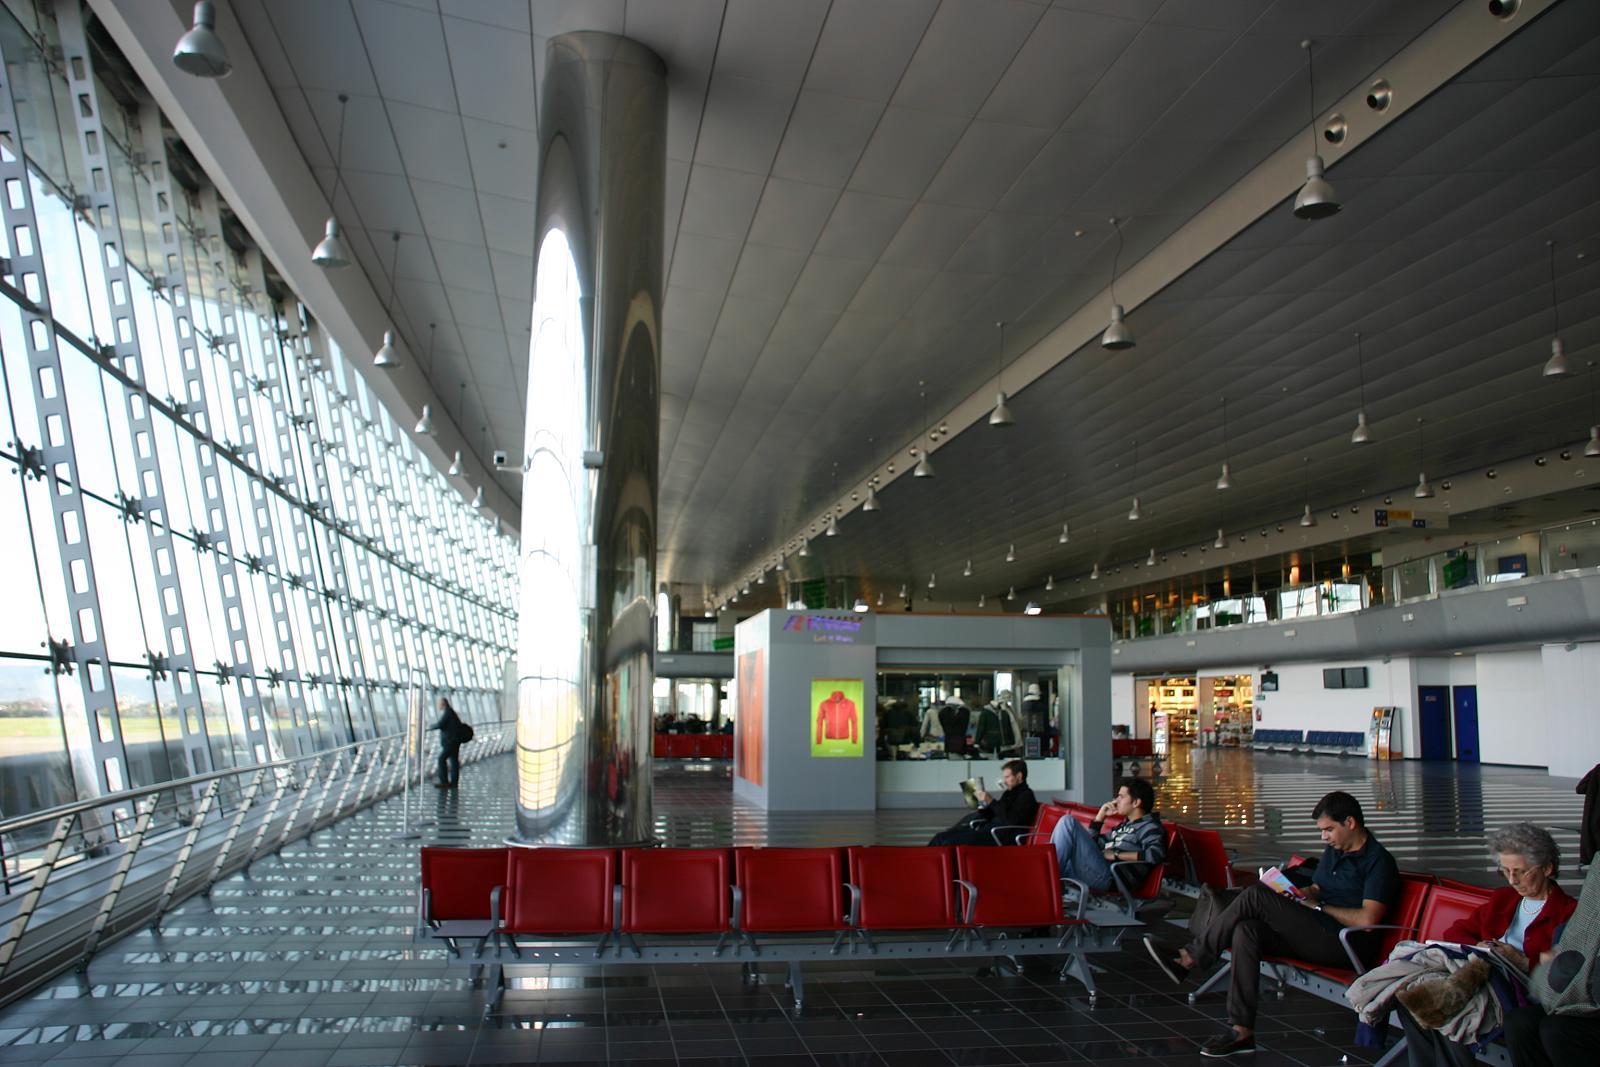 Aeropuerto de Turín-Caselle - Wikipedia, la enciclopedia libre